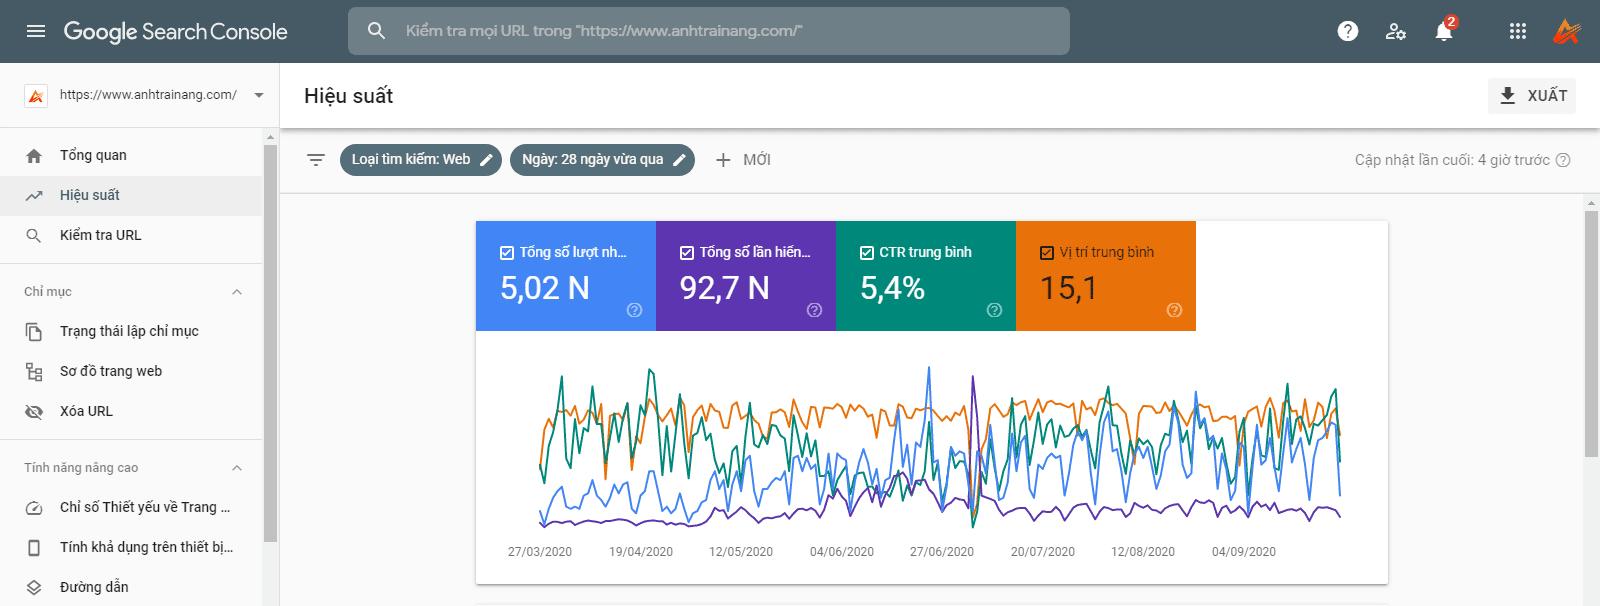 Báo cáo hiệu suất Google Search Console của Anh Trai Nắng Blog